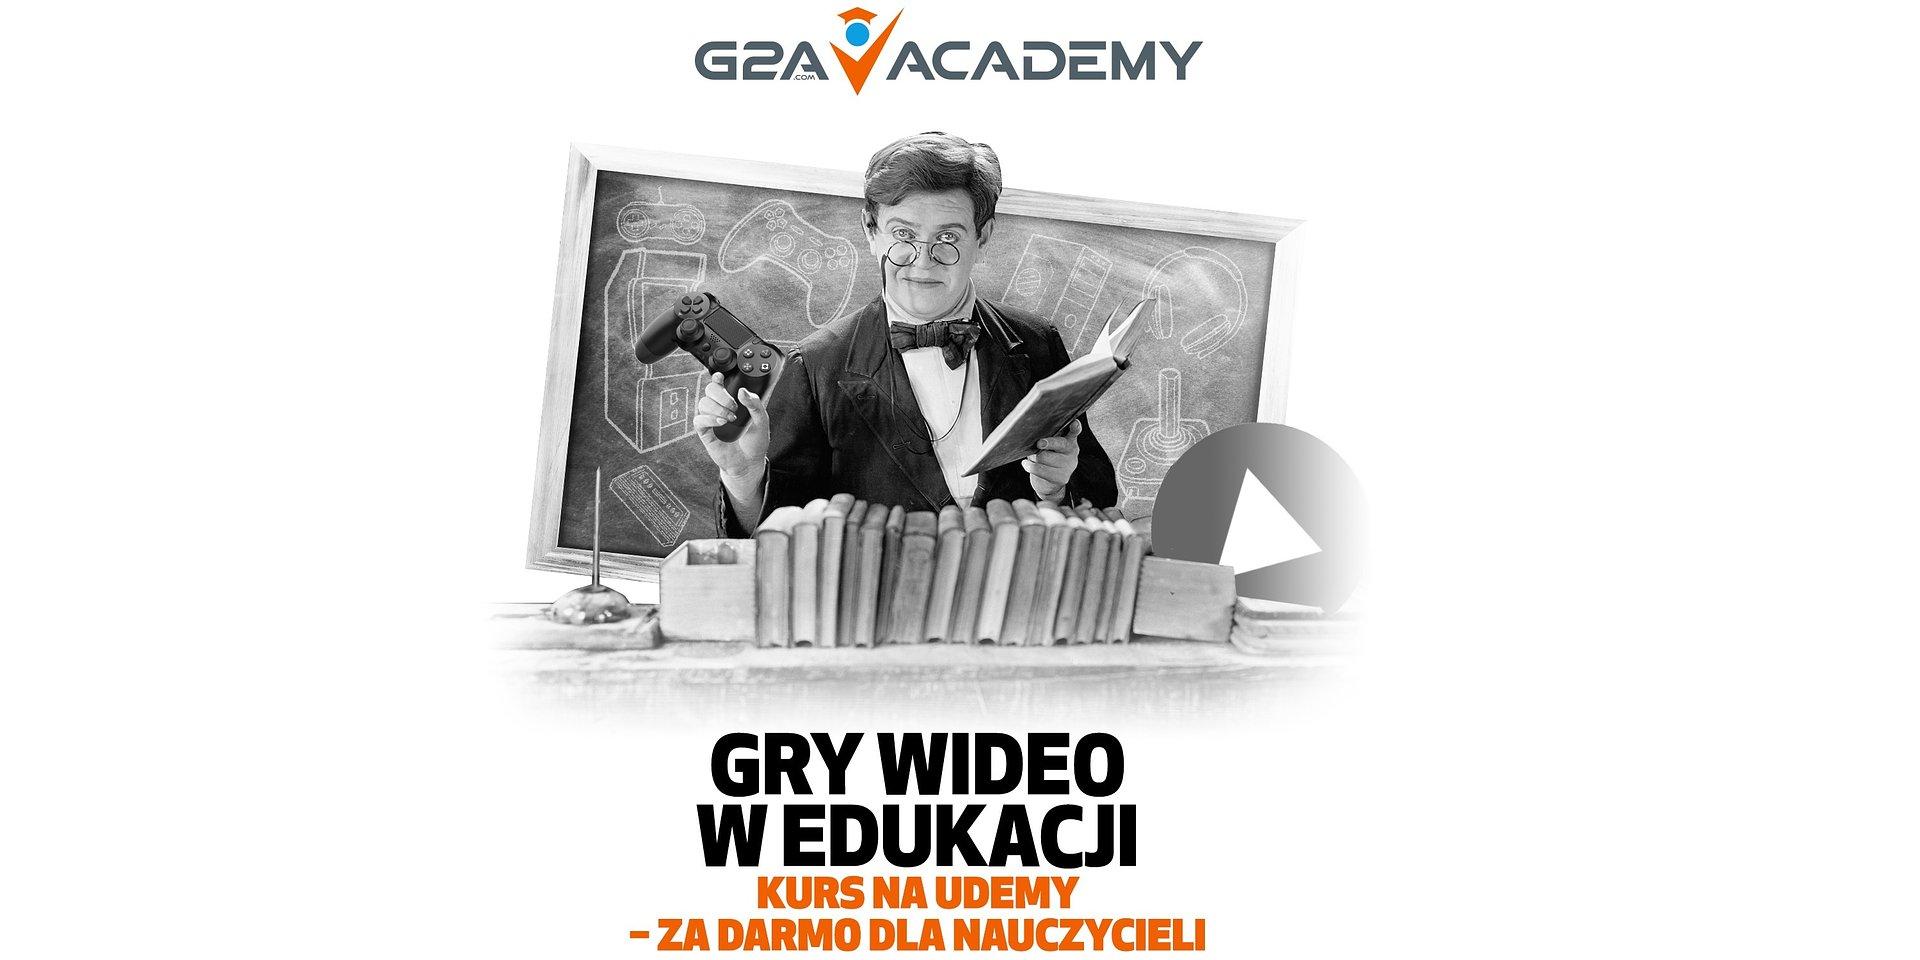 Nauczyciele zwracają się ku grom wideo, aby usprawnić naukę w pandemii – G2A.COM uruchamia bezpłatne szkolenia dla nauczycieli